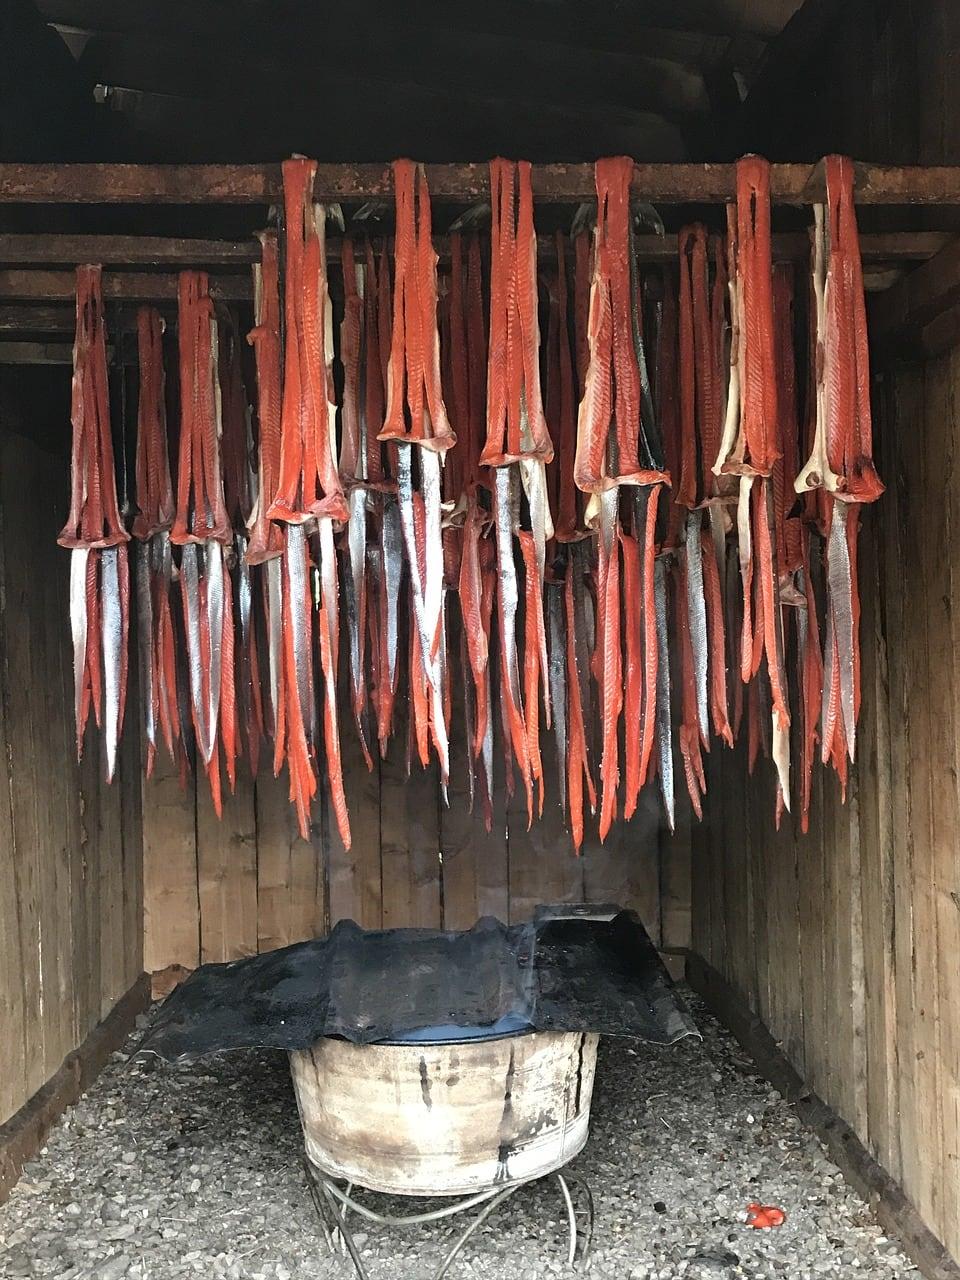 process of smoking salmon